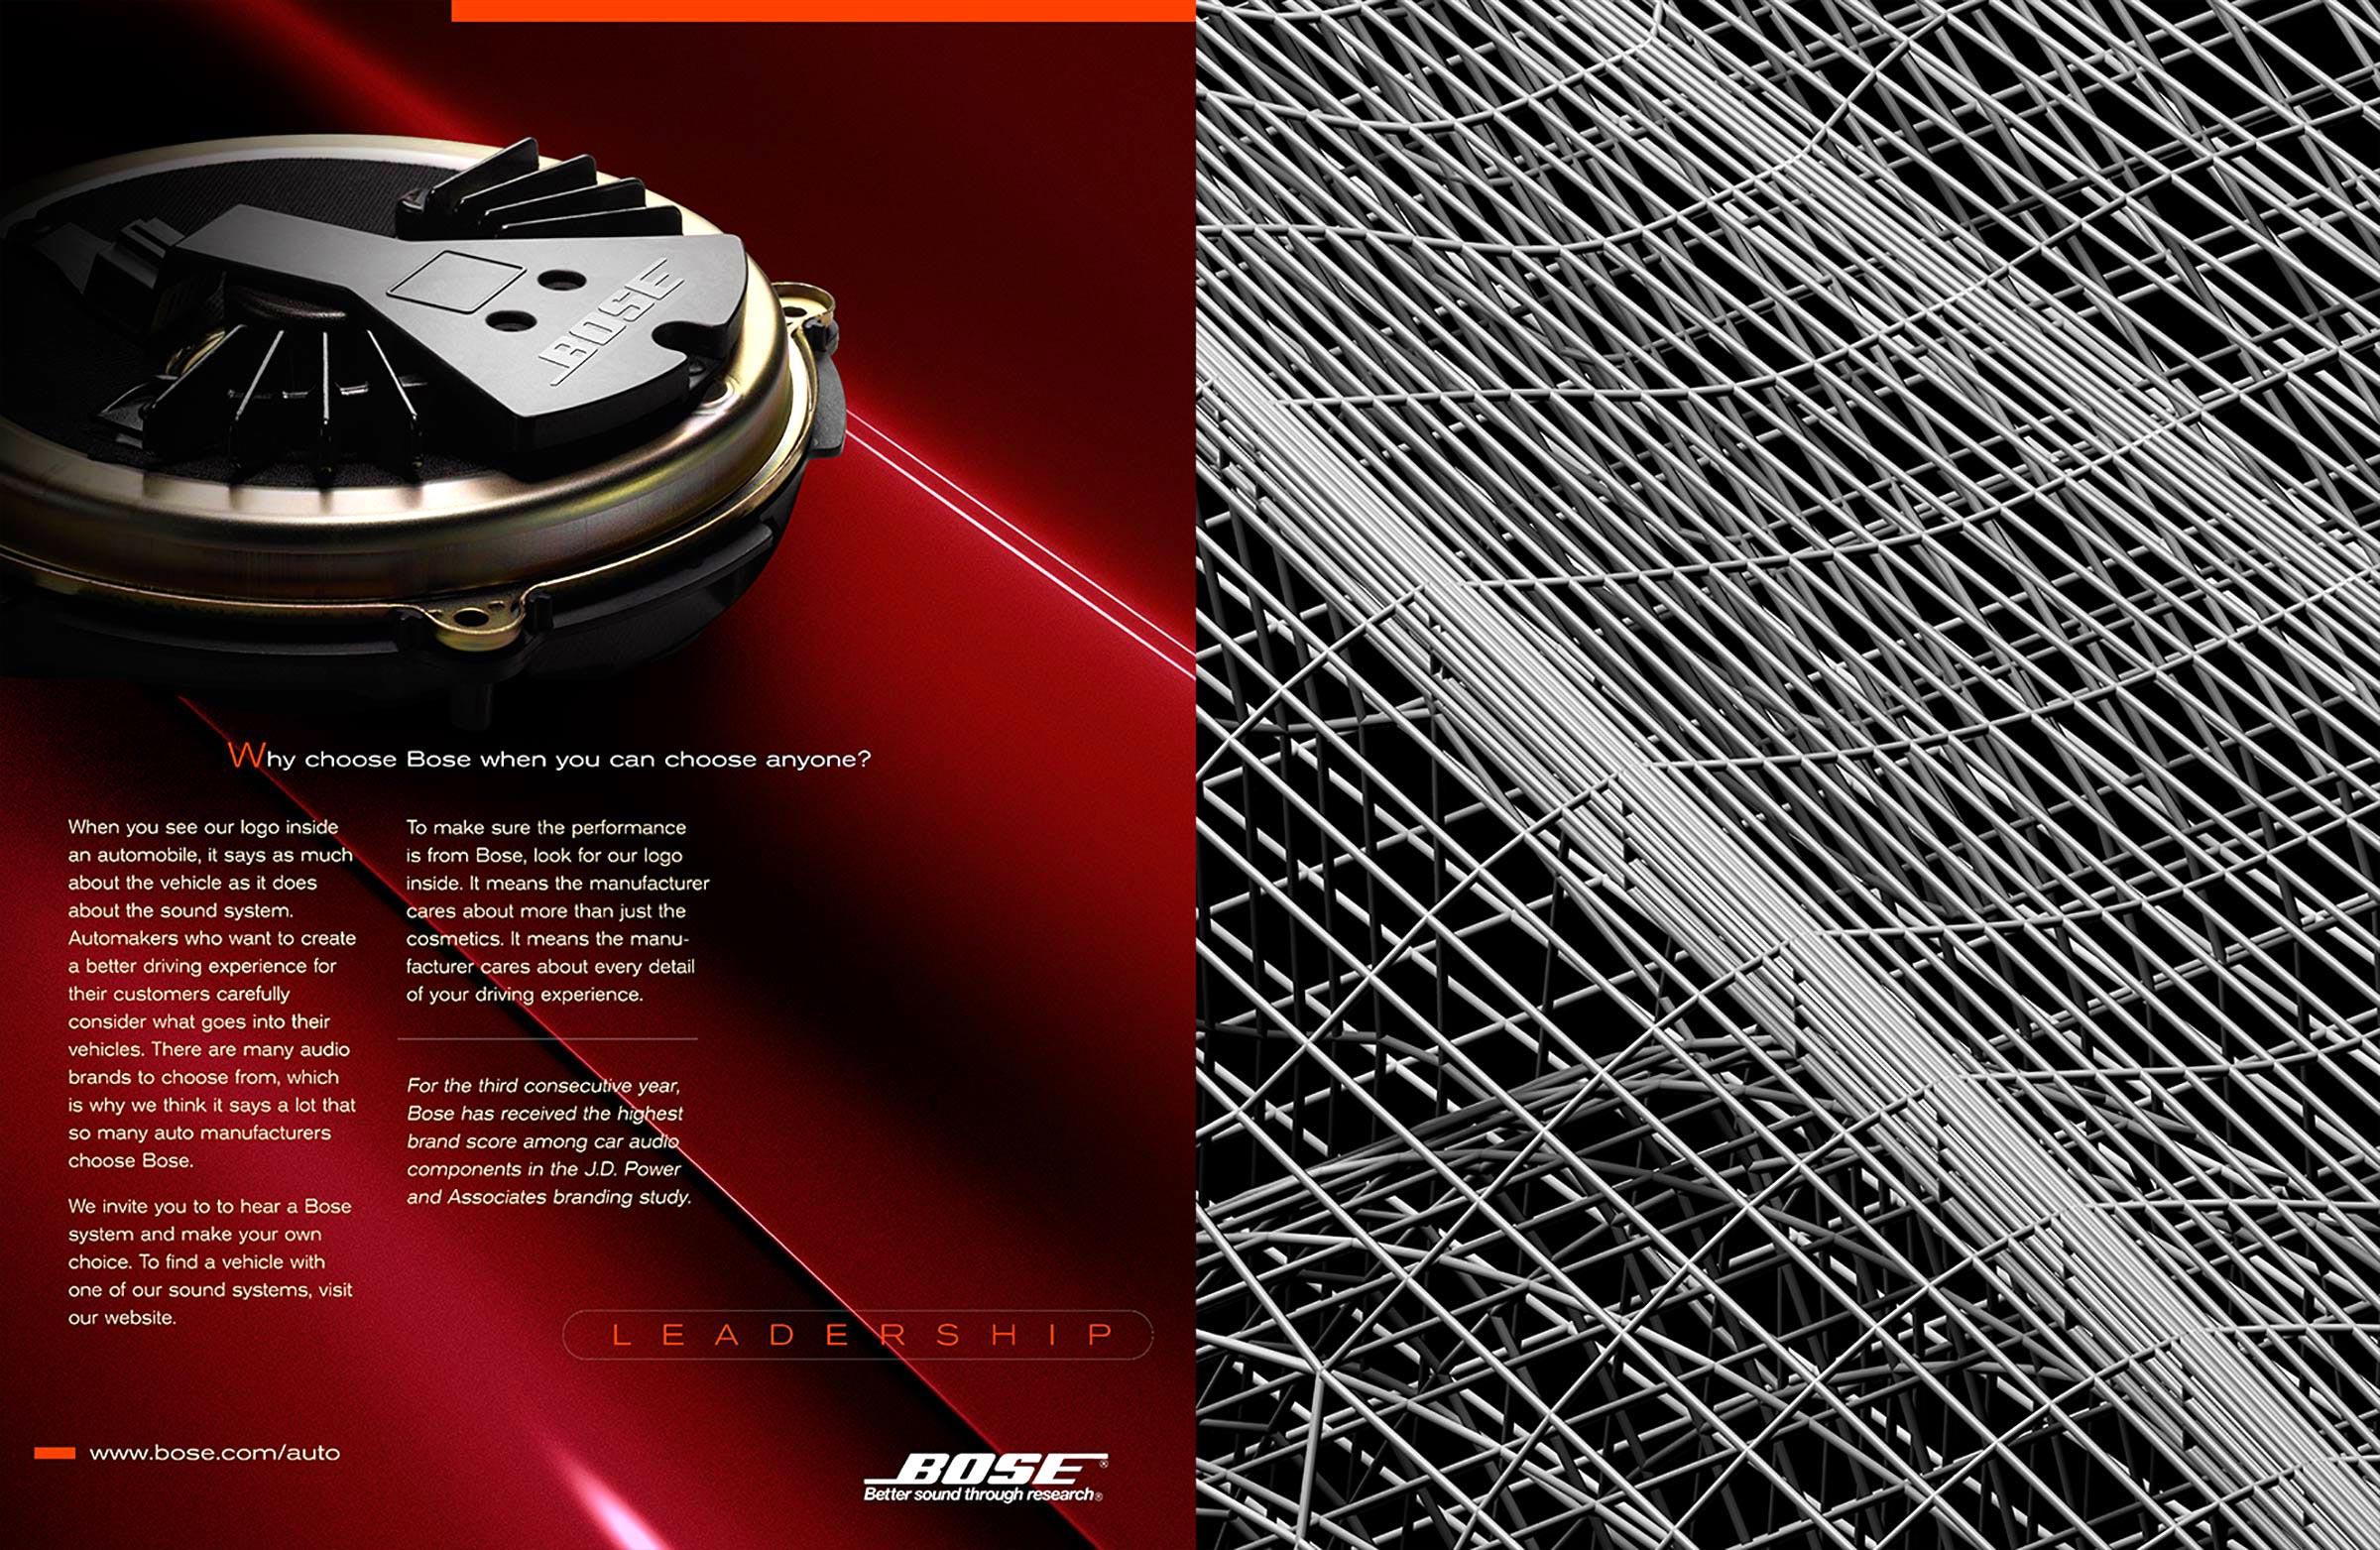 Bose-spkr-on-3D-car.jpg